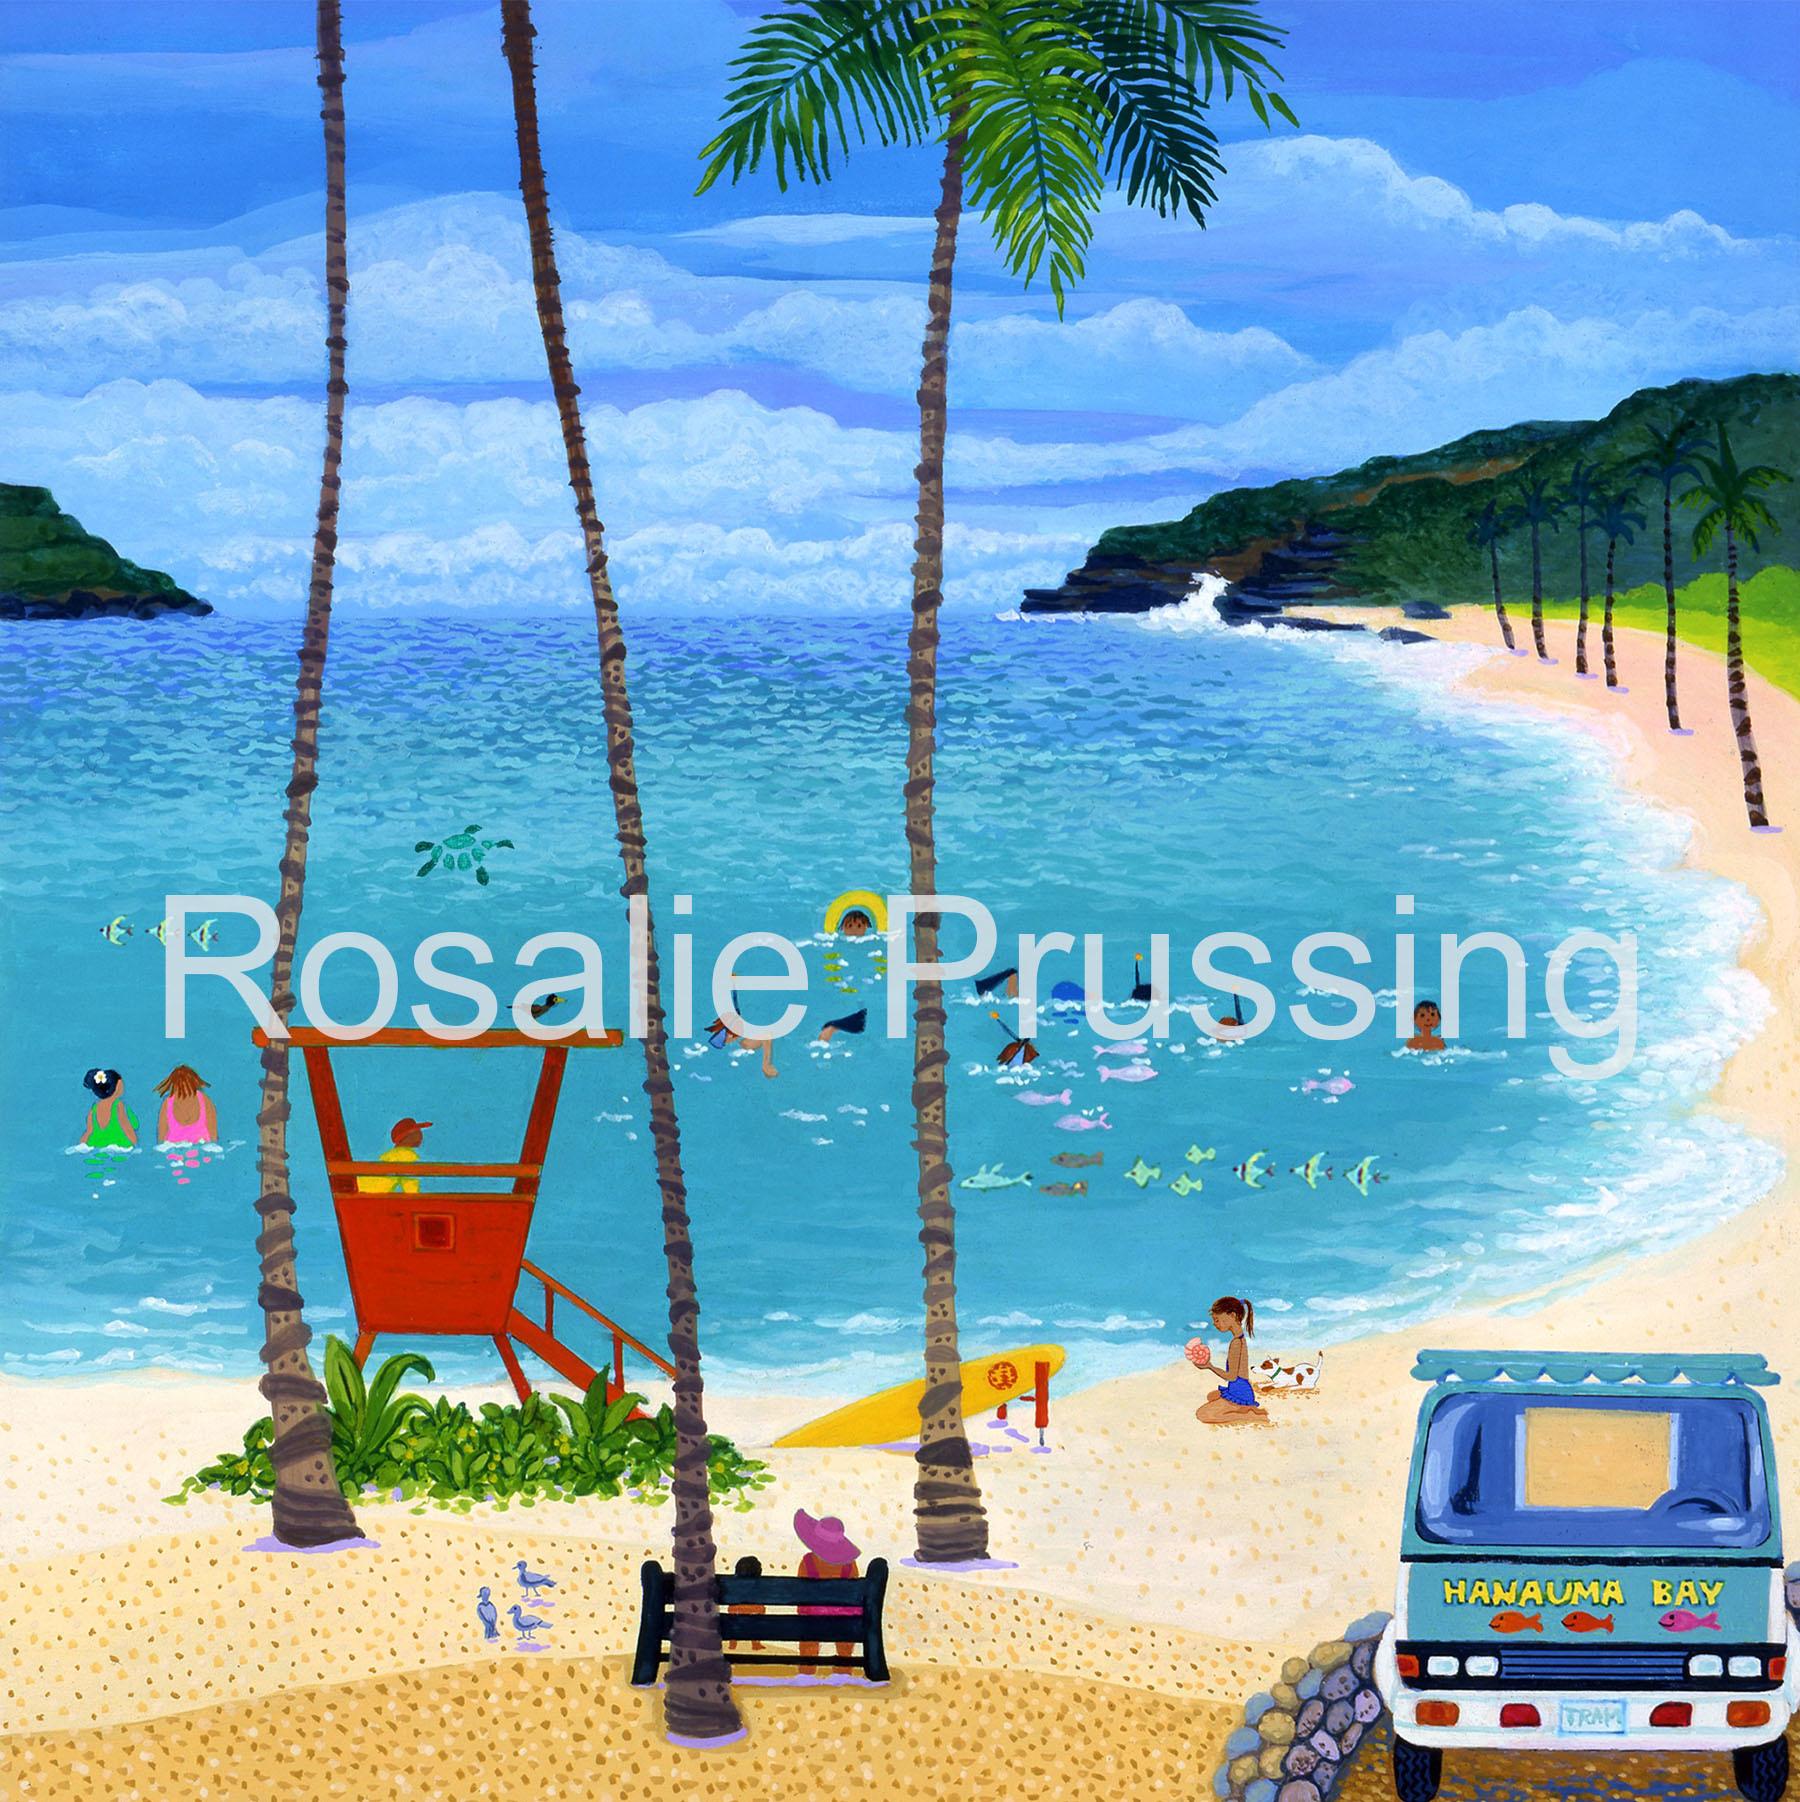 Rosalie Prussing LG PRINT: HANAUMA BAY 466/750